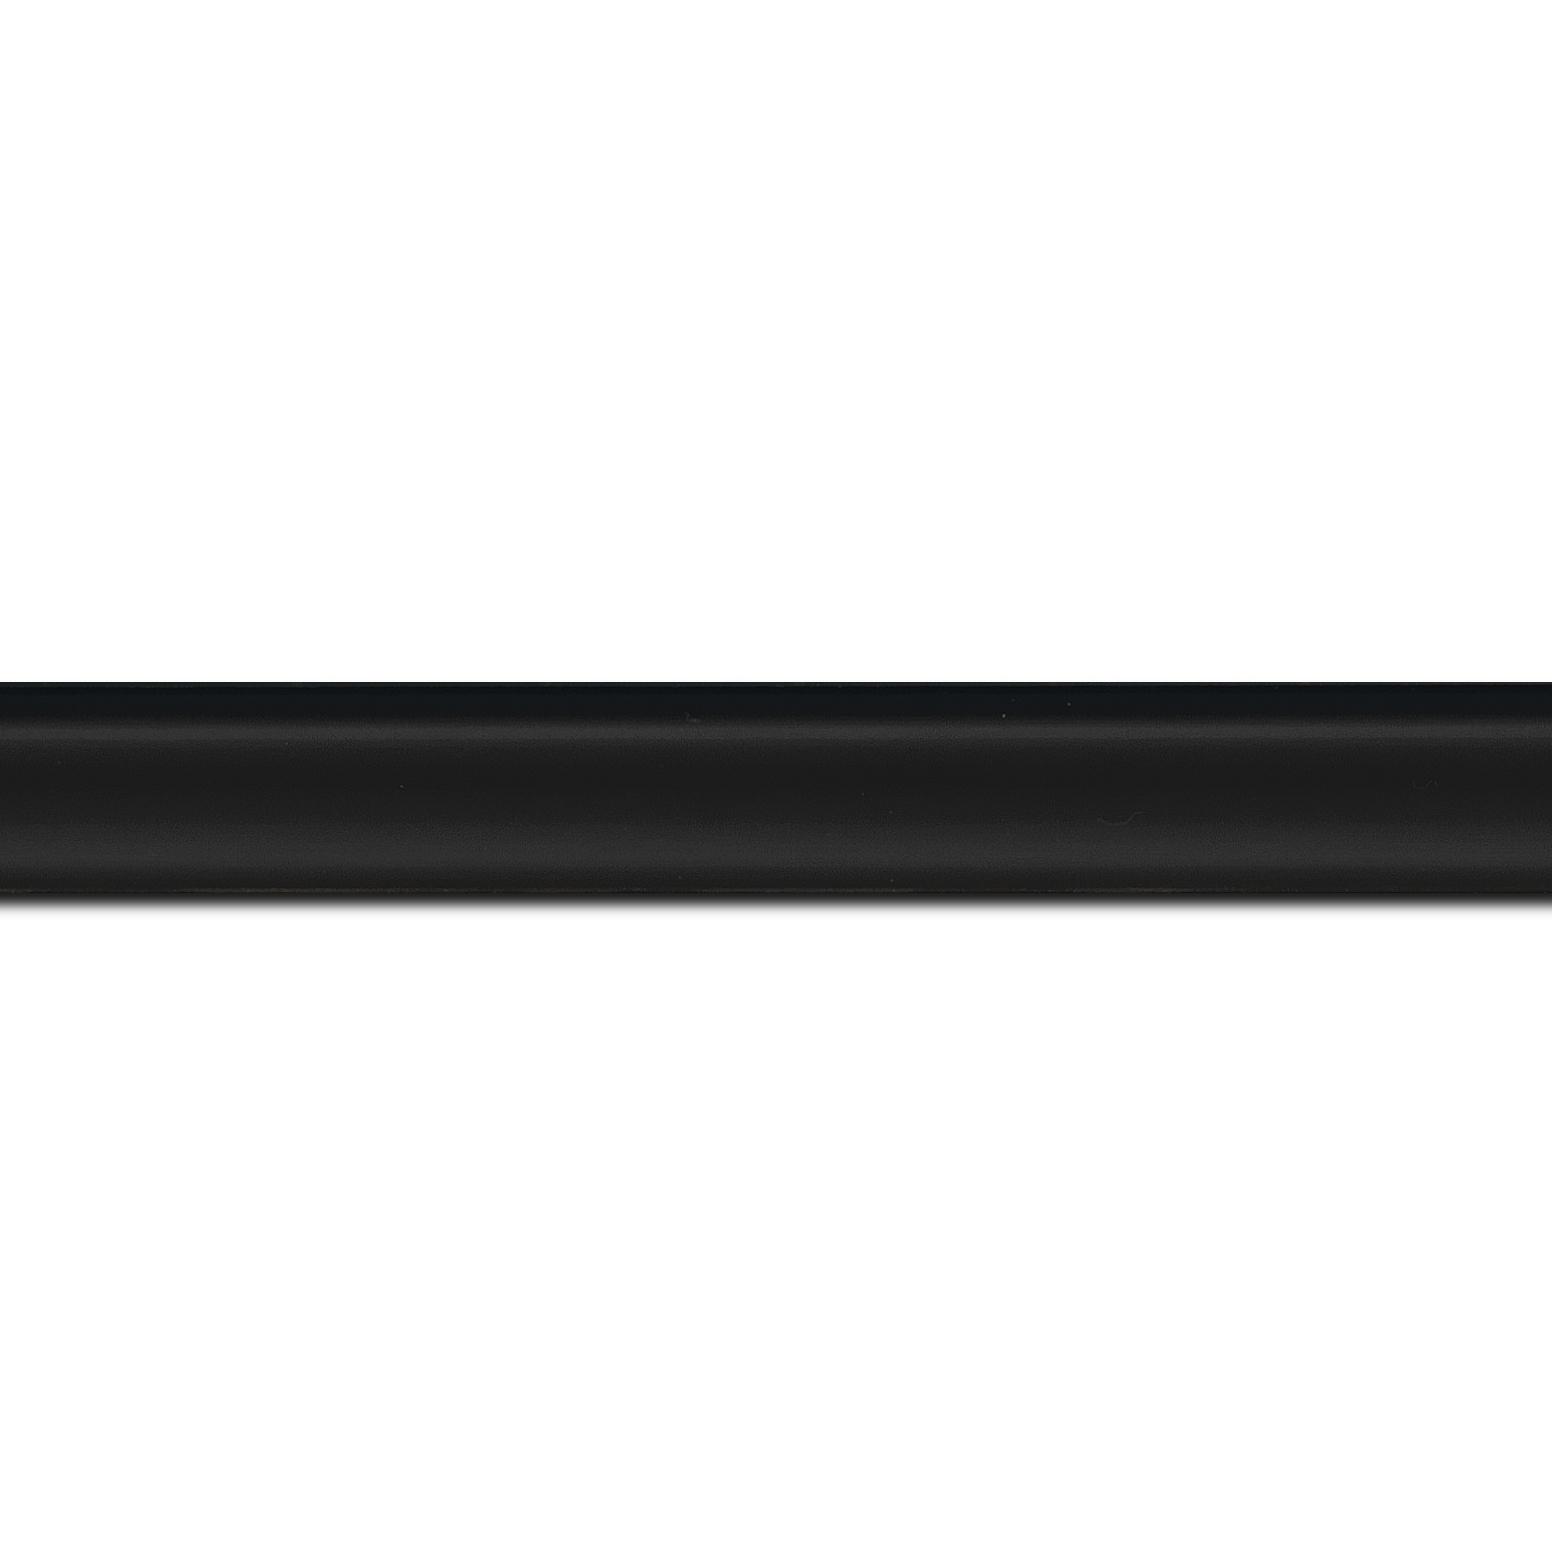 Baguette longueur 1.40m bois profil incurvé largeur 2.1cm couleur noir mat